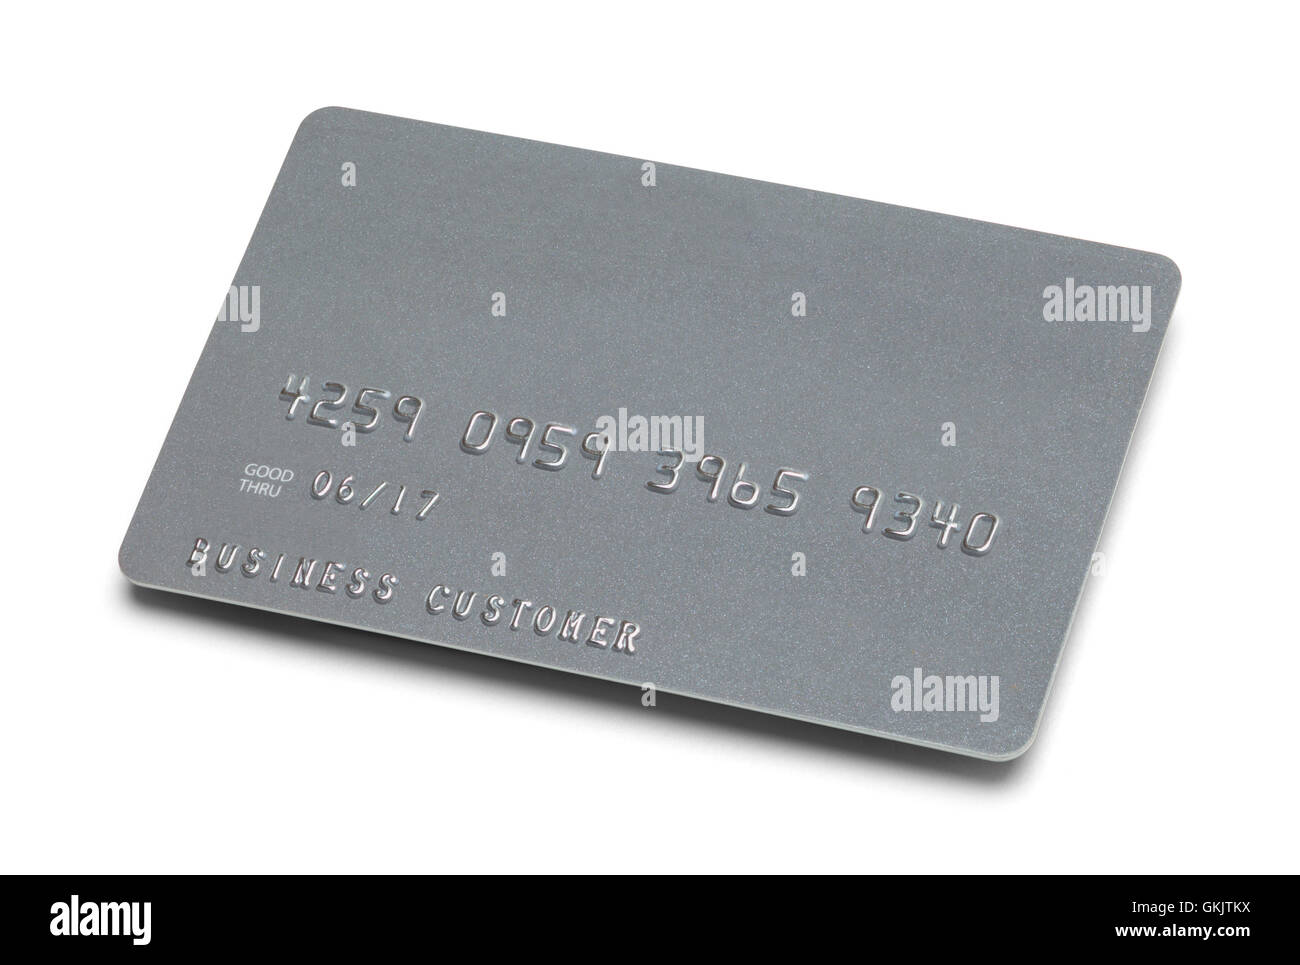 blank debit card stock photos  blank debit card stock